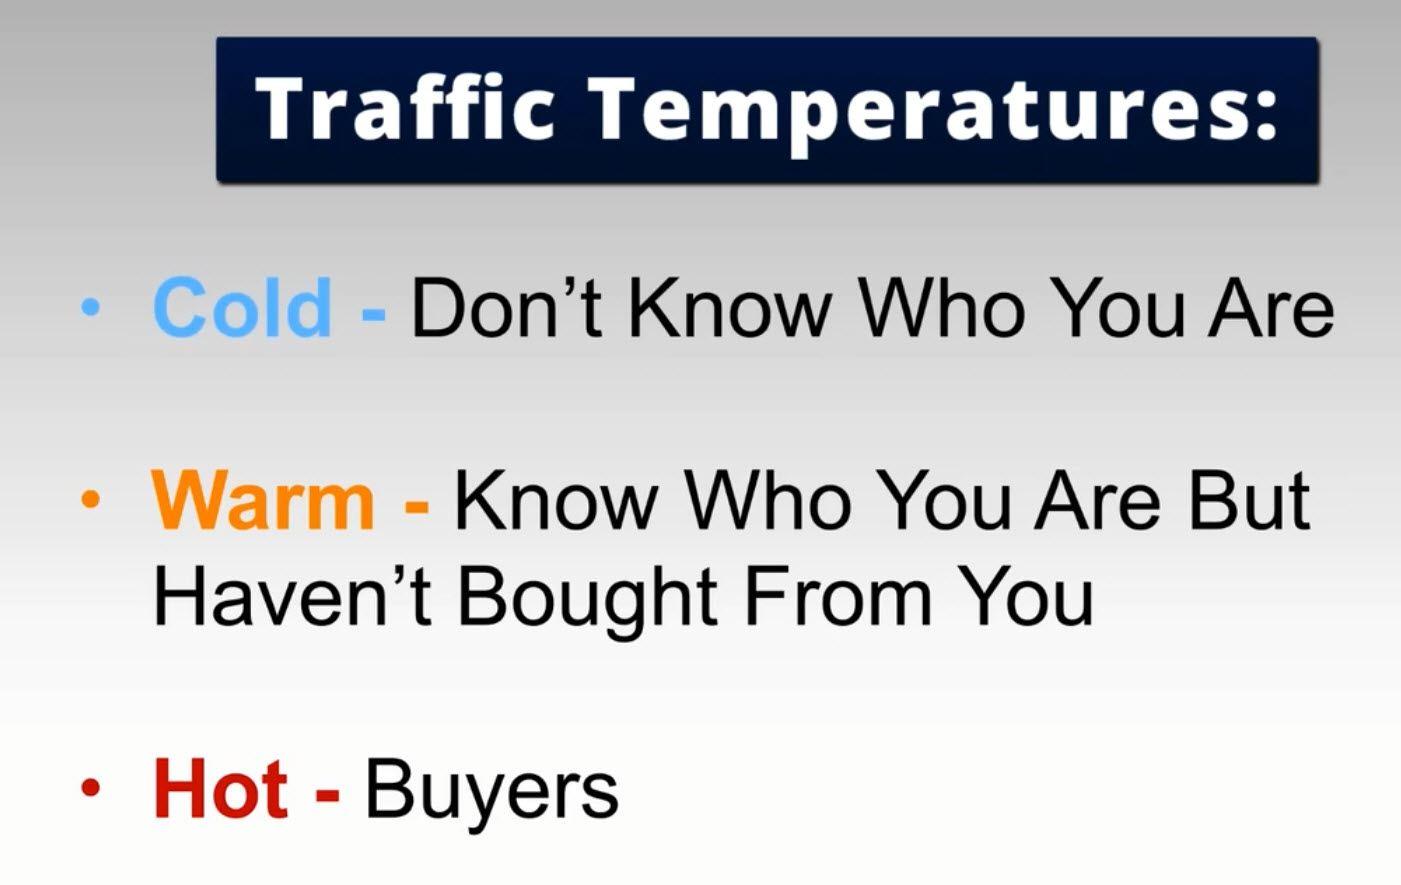 Traffic temperatures